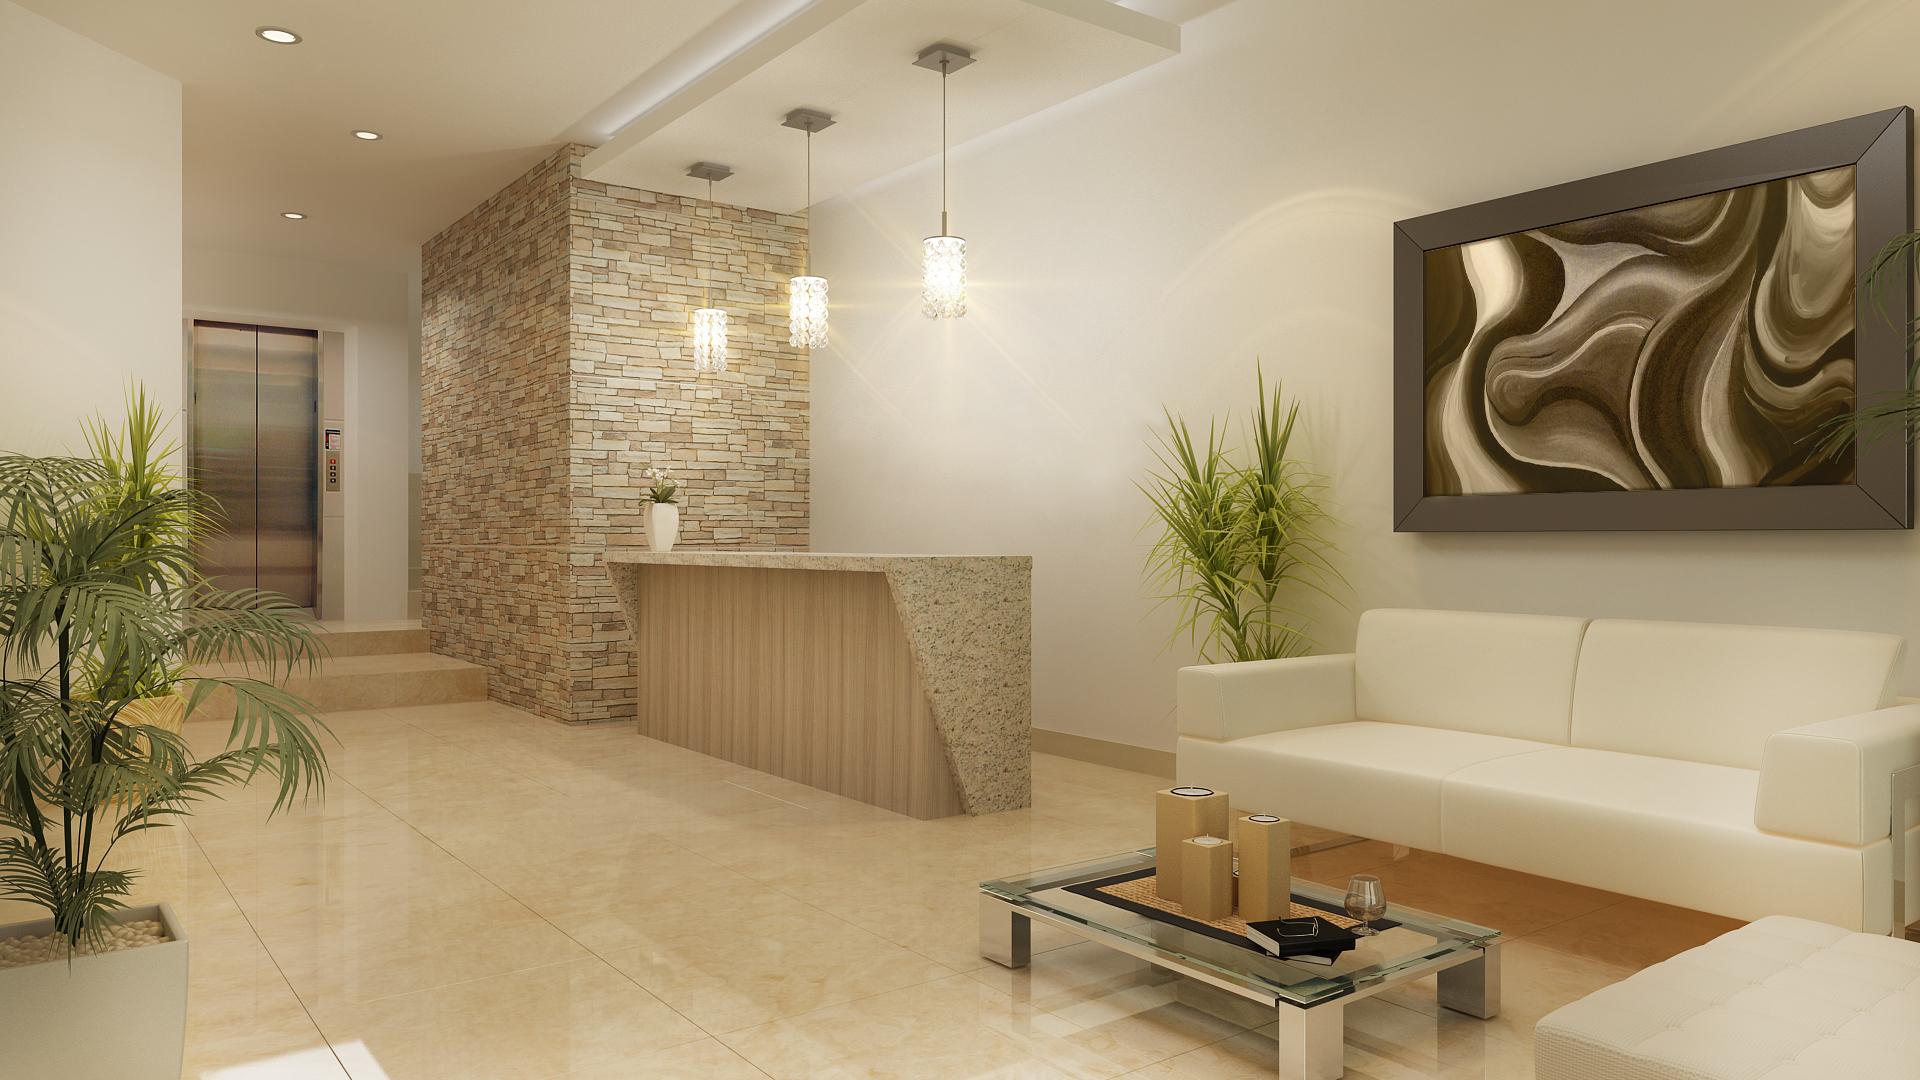 Imagen 4 - Lobby 2